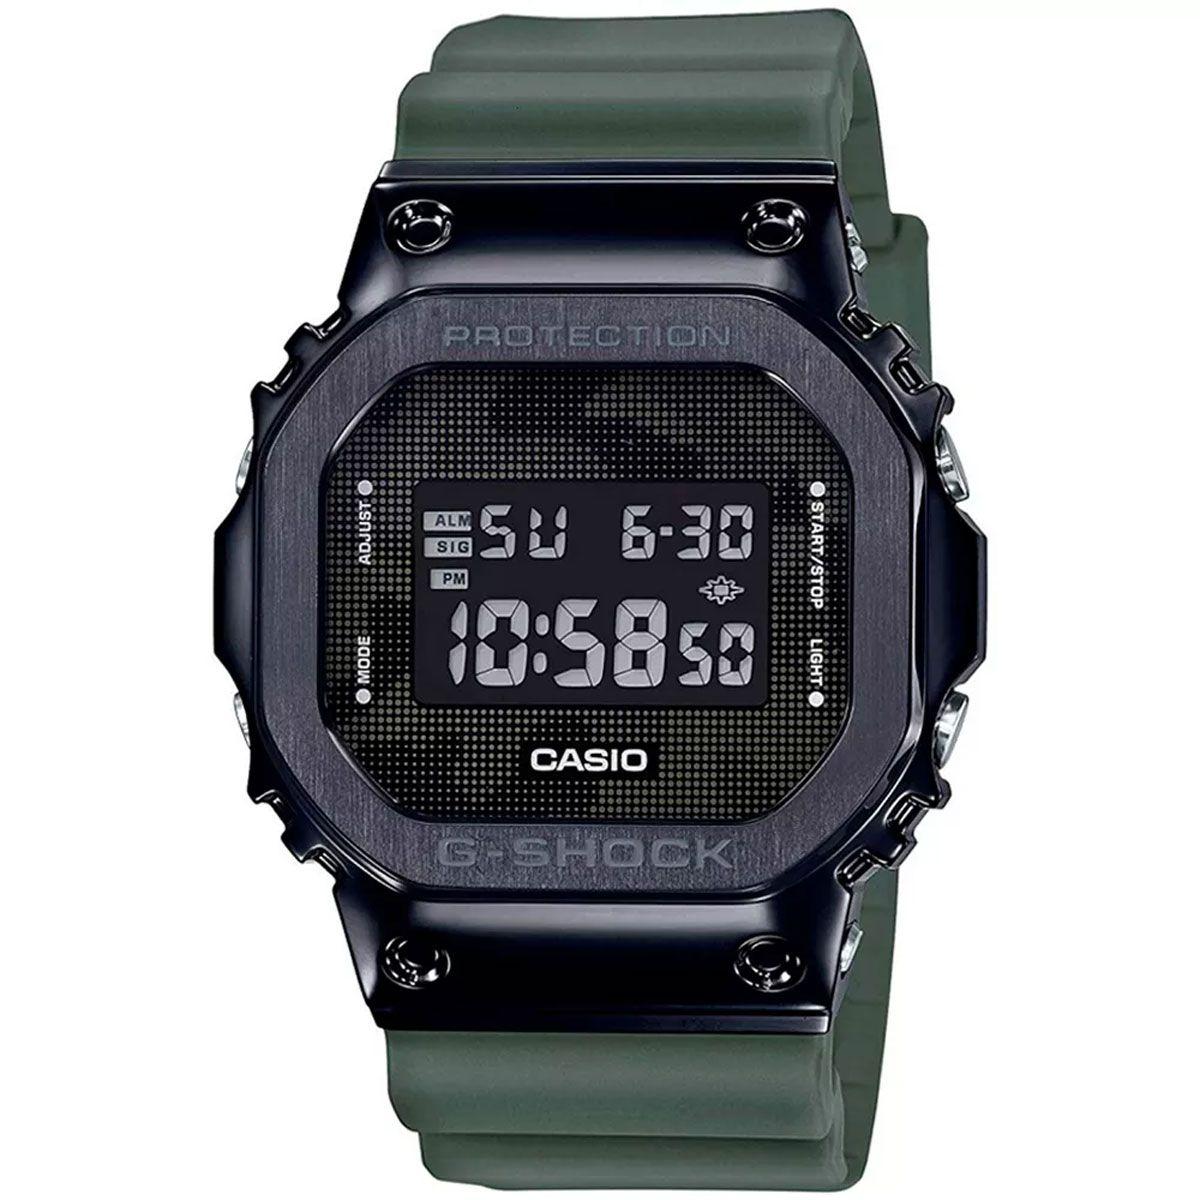 Relógio de Pulso Casio G-Shock Digital Modelo GM-5600B-3DR